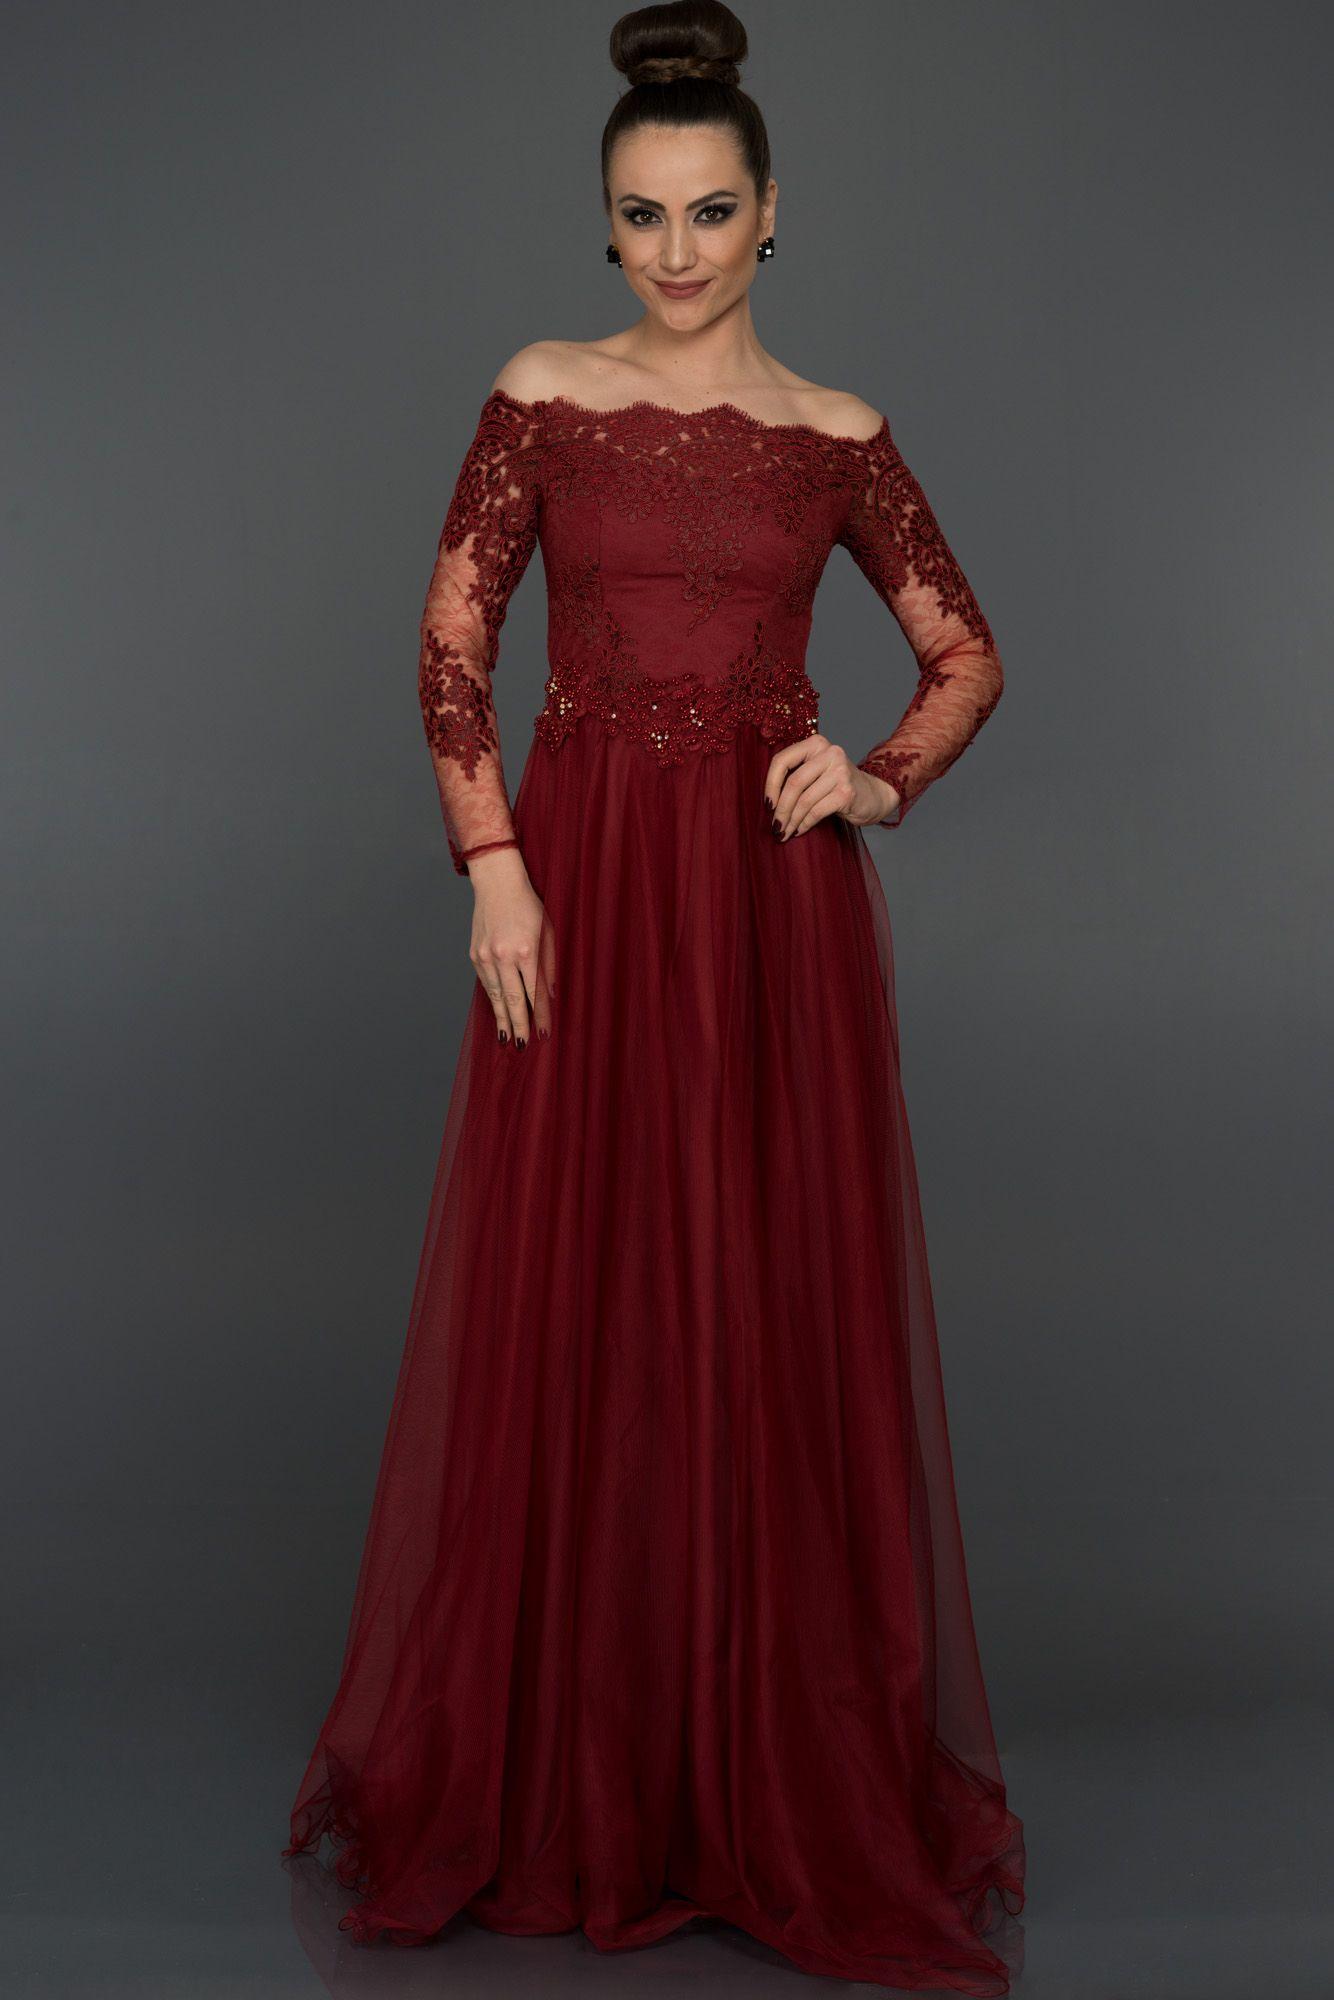 Bordo Dantelli Uzun Kollu Abiye Abu019 The Dress Mezuniyet Elbiseleri Parti Elbisesi